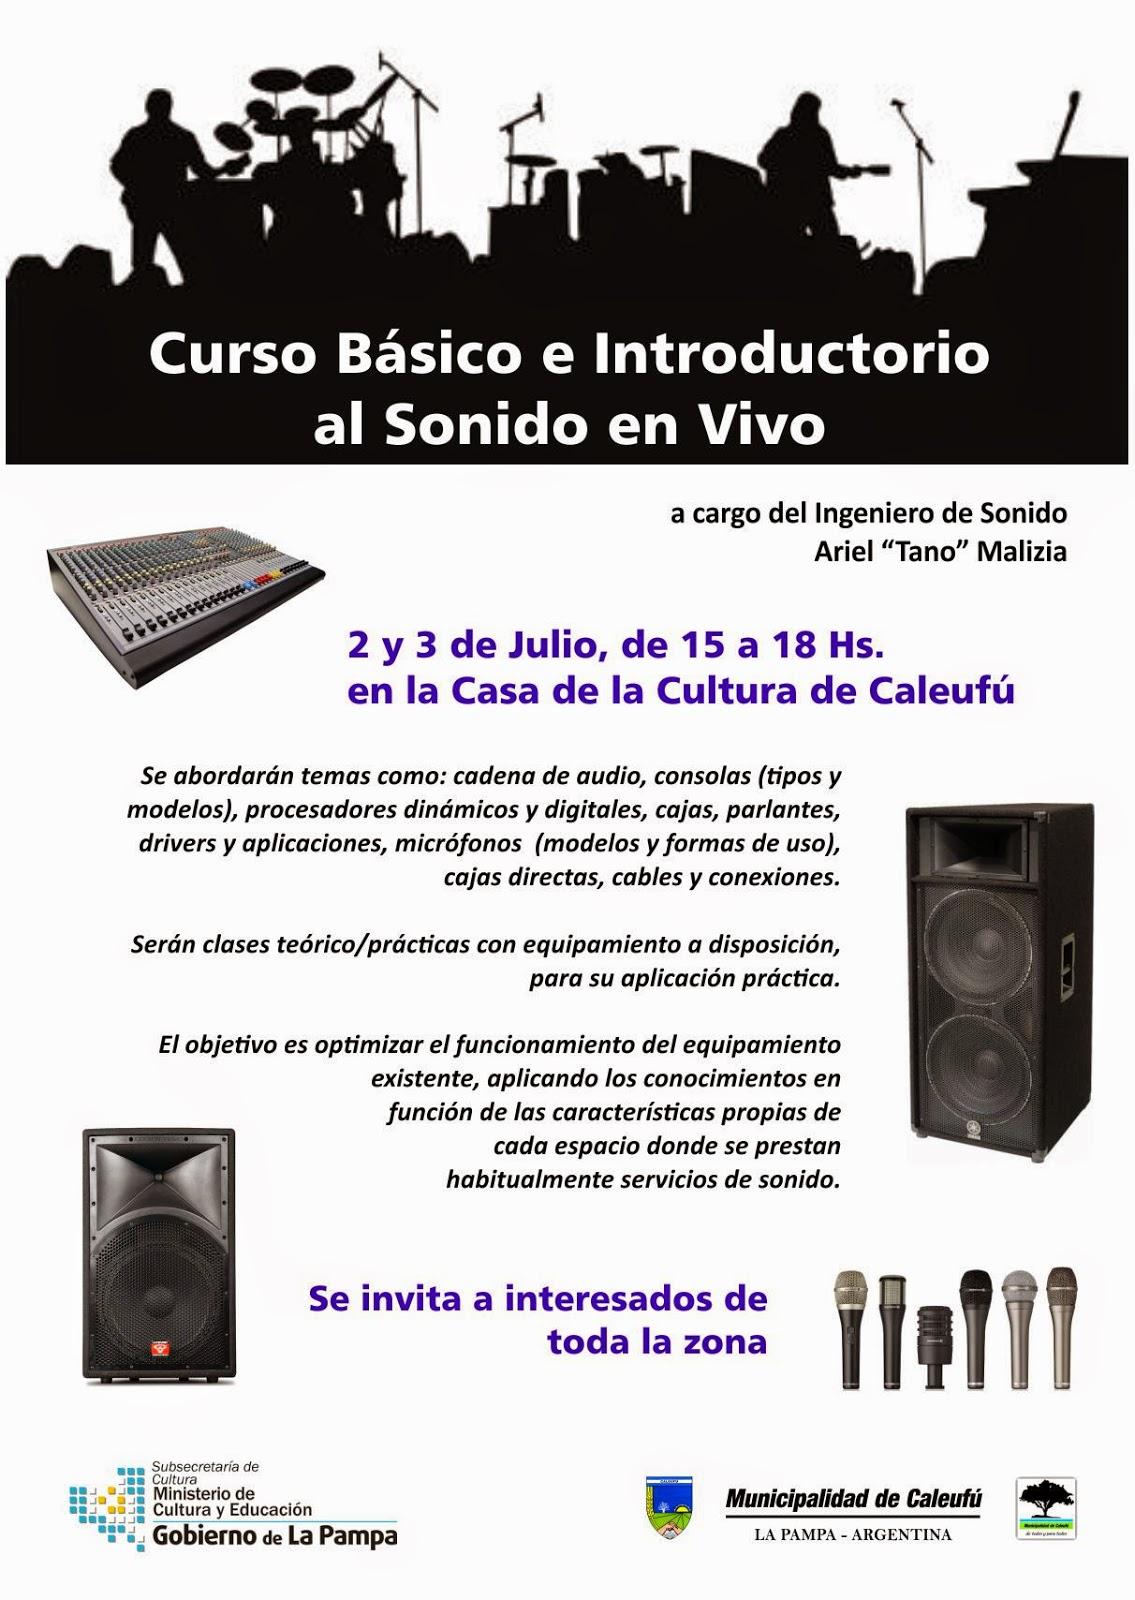 Municipalidad de caleuf curso de sonido en vivo for Municipalidad de avellaneda cursos